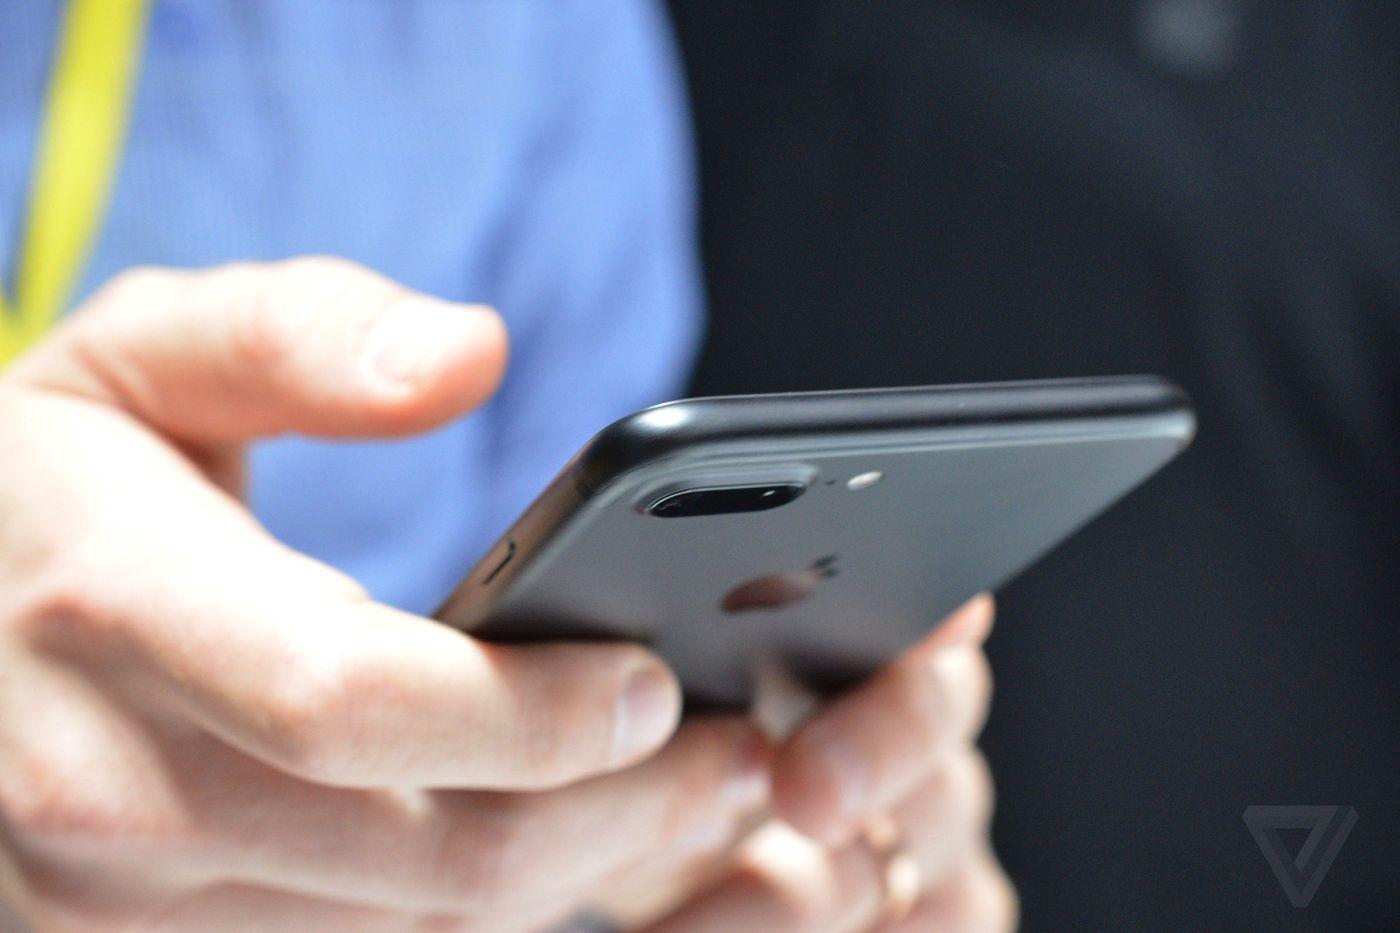 Viễn Thông A đã cho đặt trước iPhone 7 kèm chương trình giảm đến 2 triệu